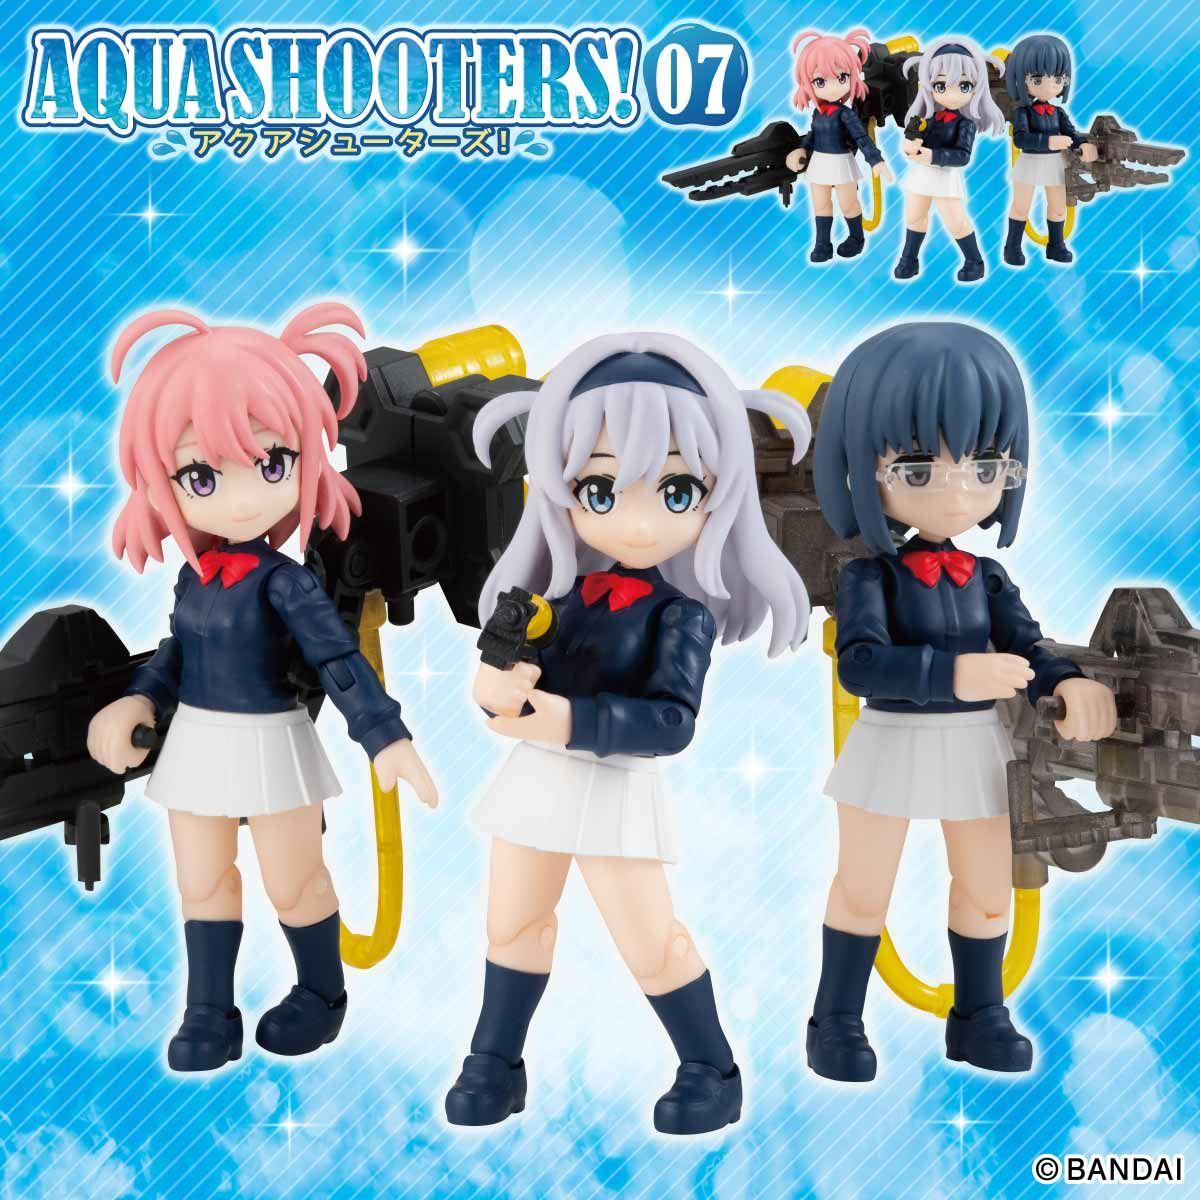 【限定販売】ガシャポン『AQUA SHOOTERS!07』10個入りBOX-001